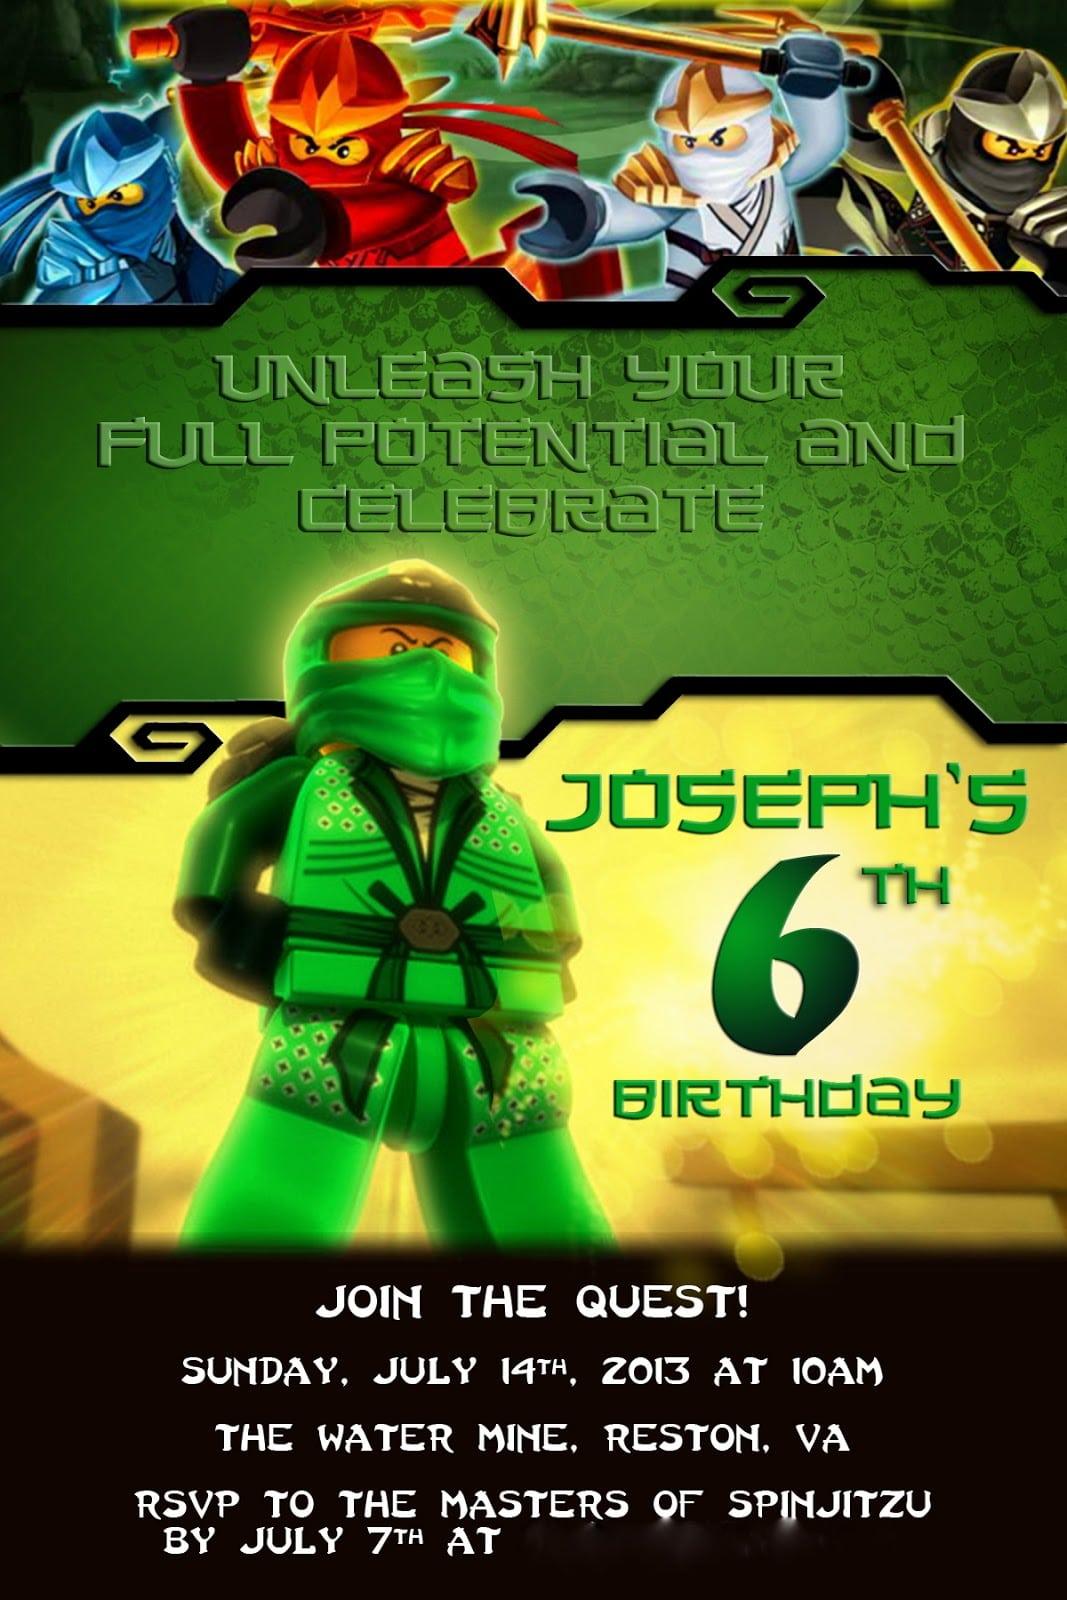 Ninjago Party Invitations Uk